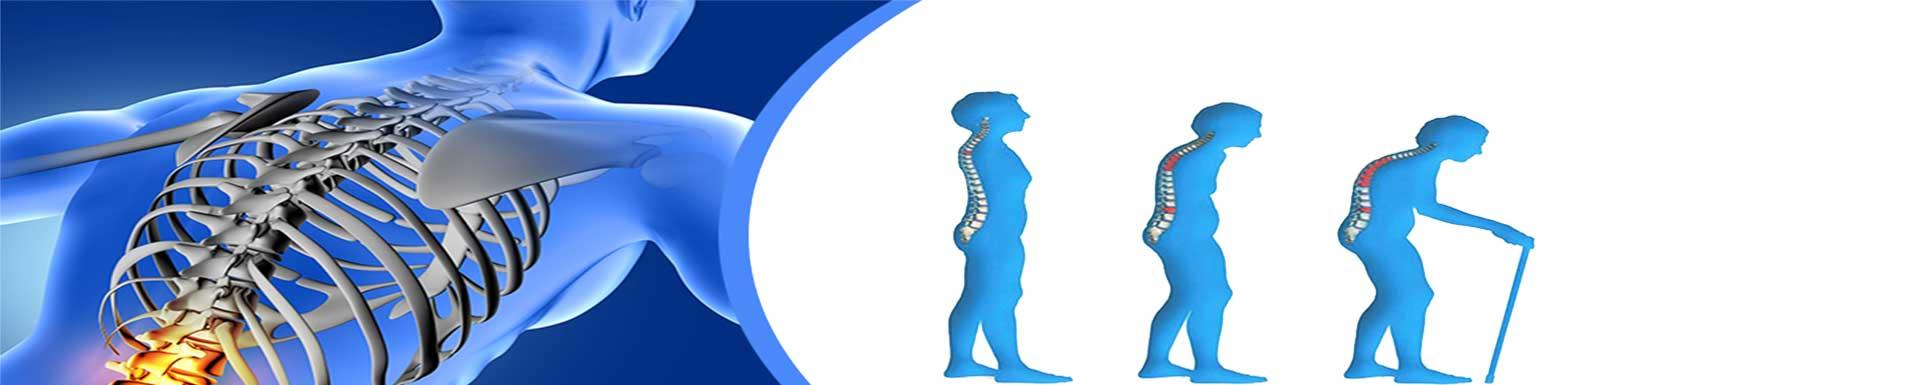 osteoporosis en personas